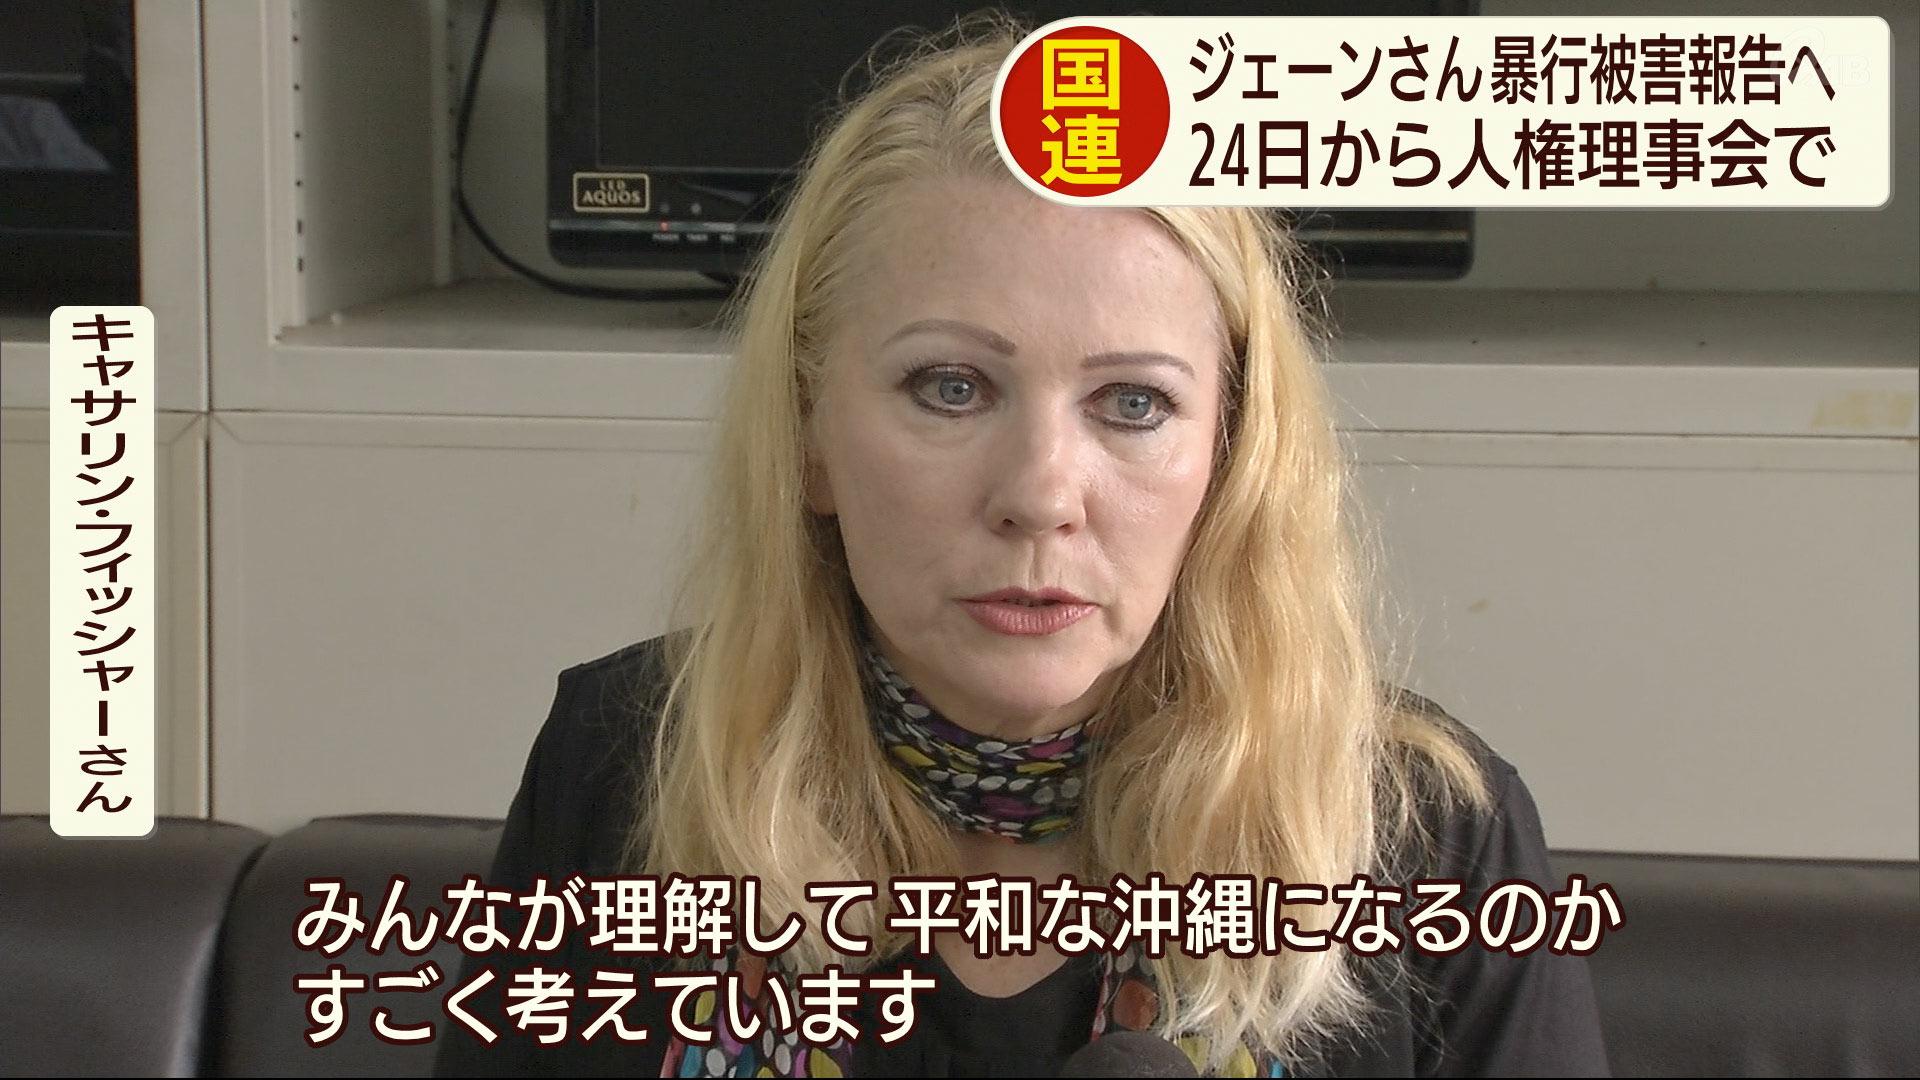 ジェーンさんが自身の被害体験を国連で報告へ